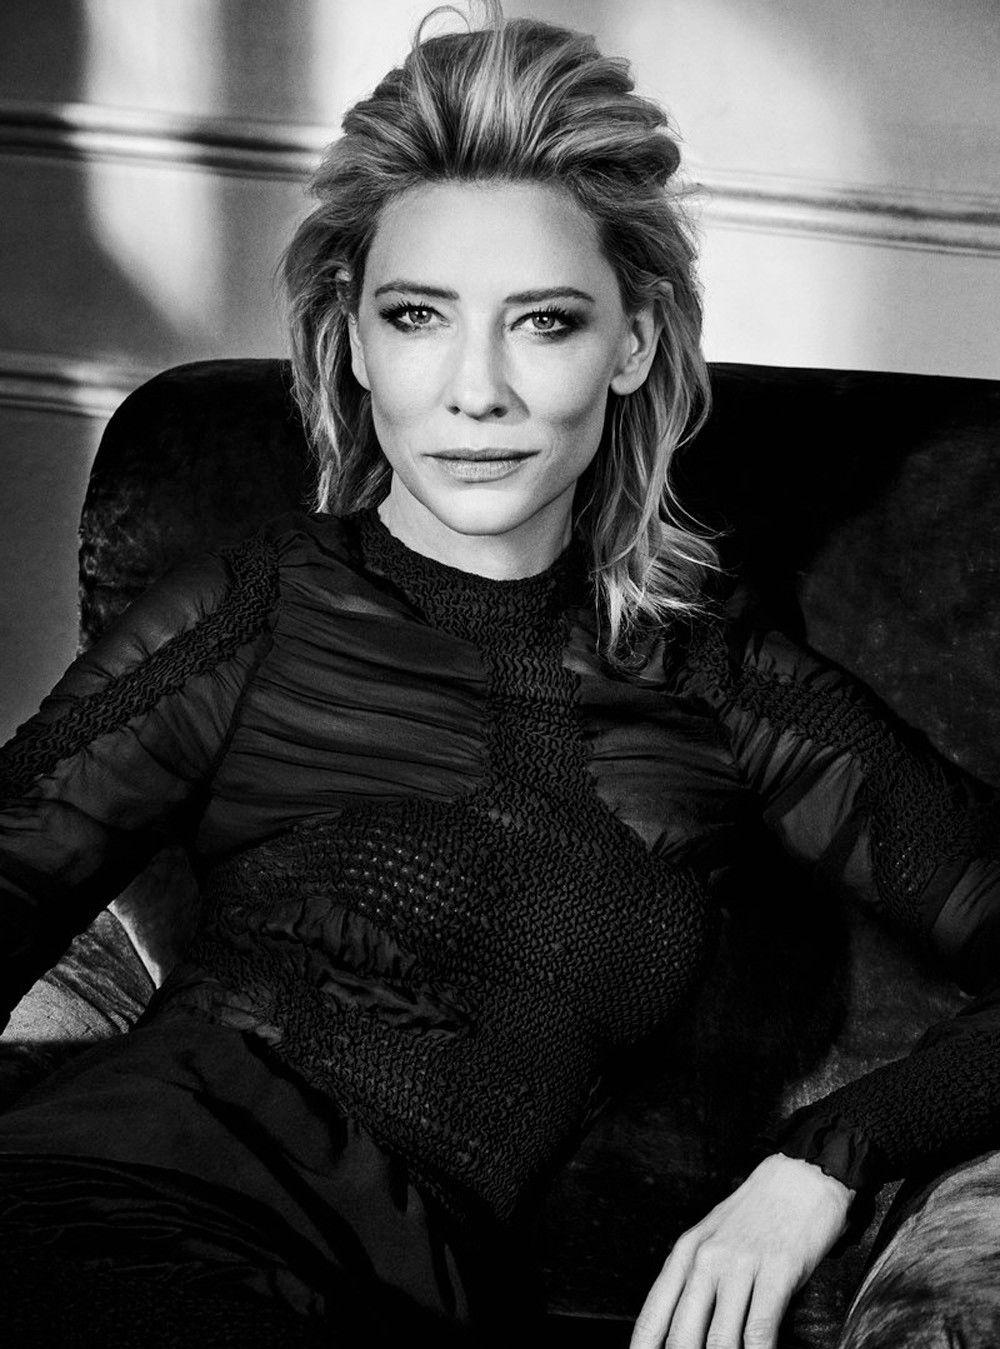 Cate Blanchett Cate blanchett, Cate blanchett hot, Cate